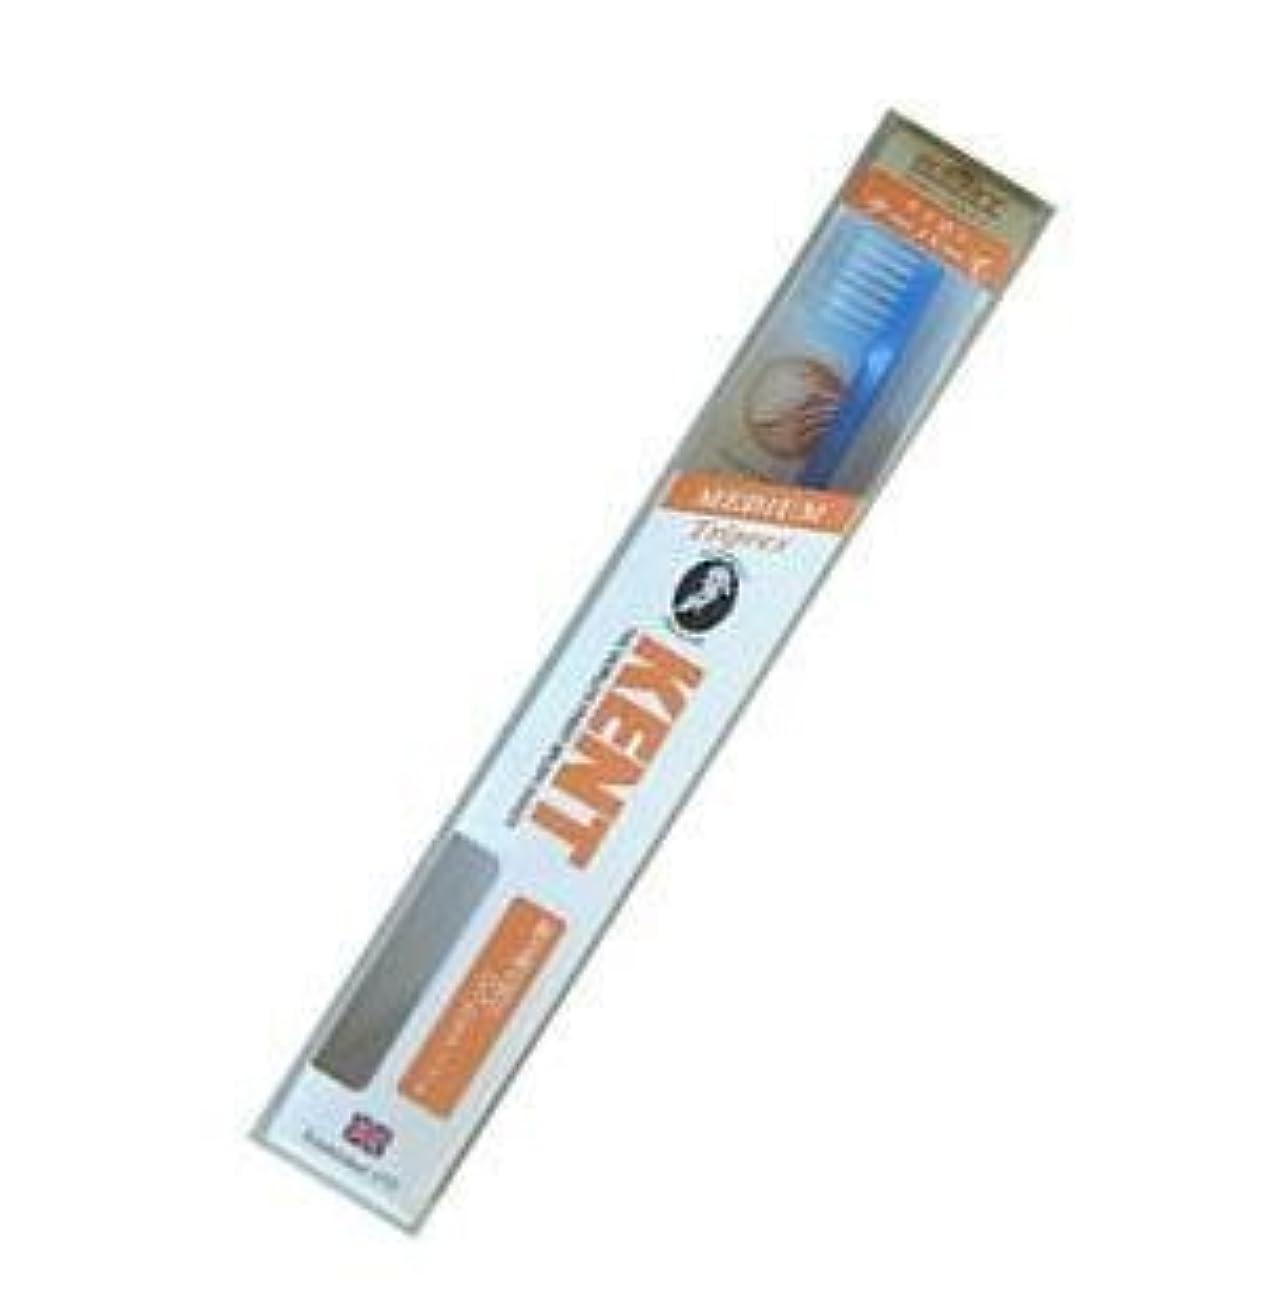 ピックスナッチ著名なKENT(ケント) トリプレックス ナイロン歯ブラシ コンパクトヘッド ふつう KNT9211